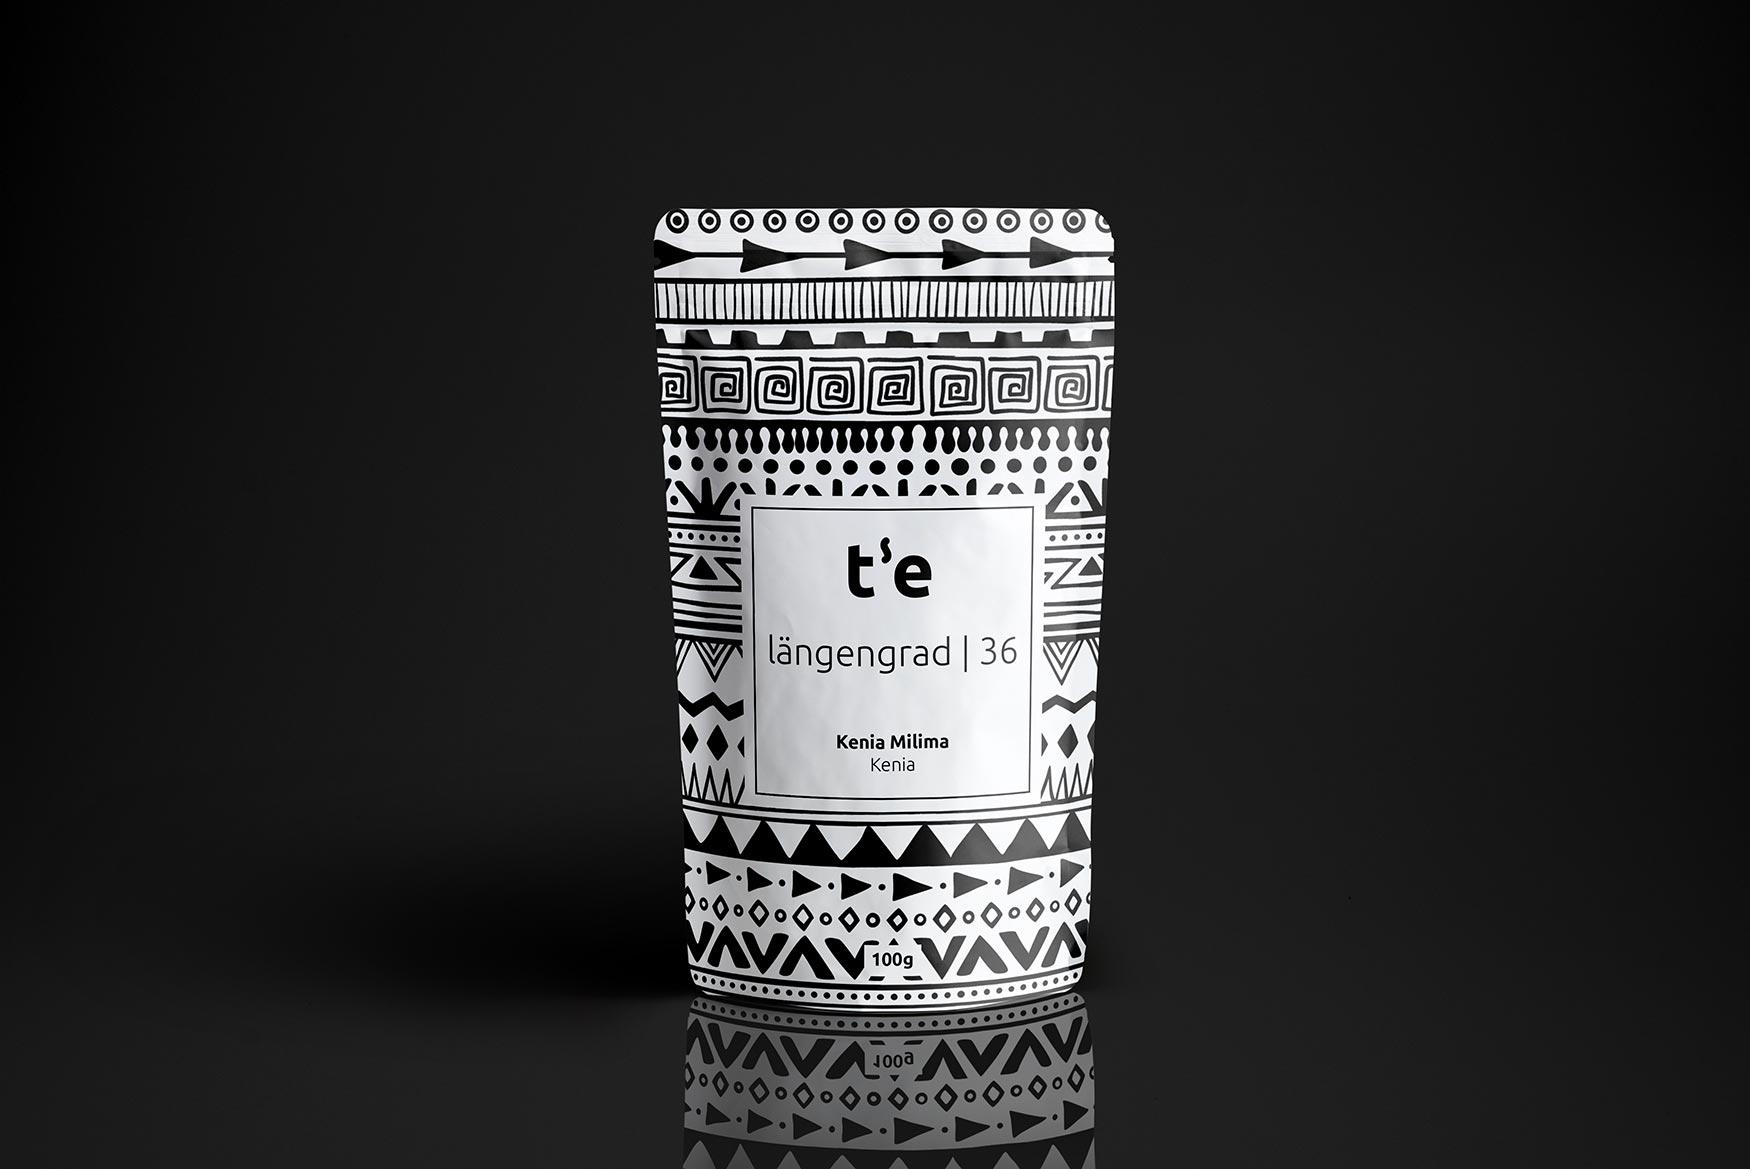 Verpackungdesign-Tee-3-Designagentur-Stuttgart-Kreativbetrieb